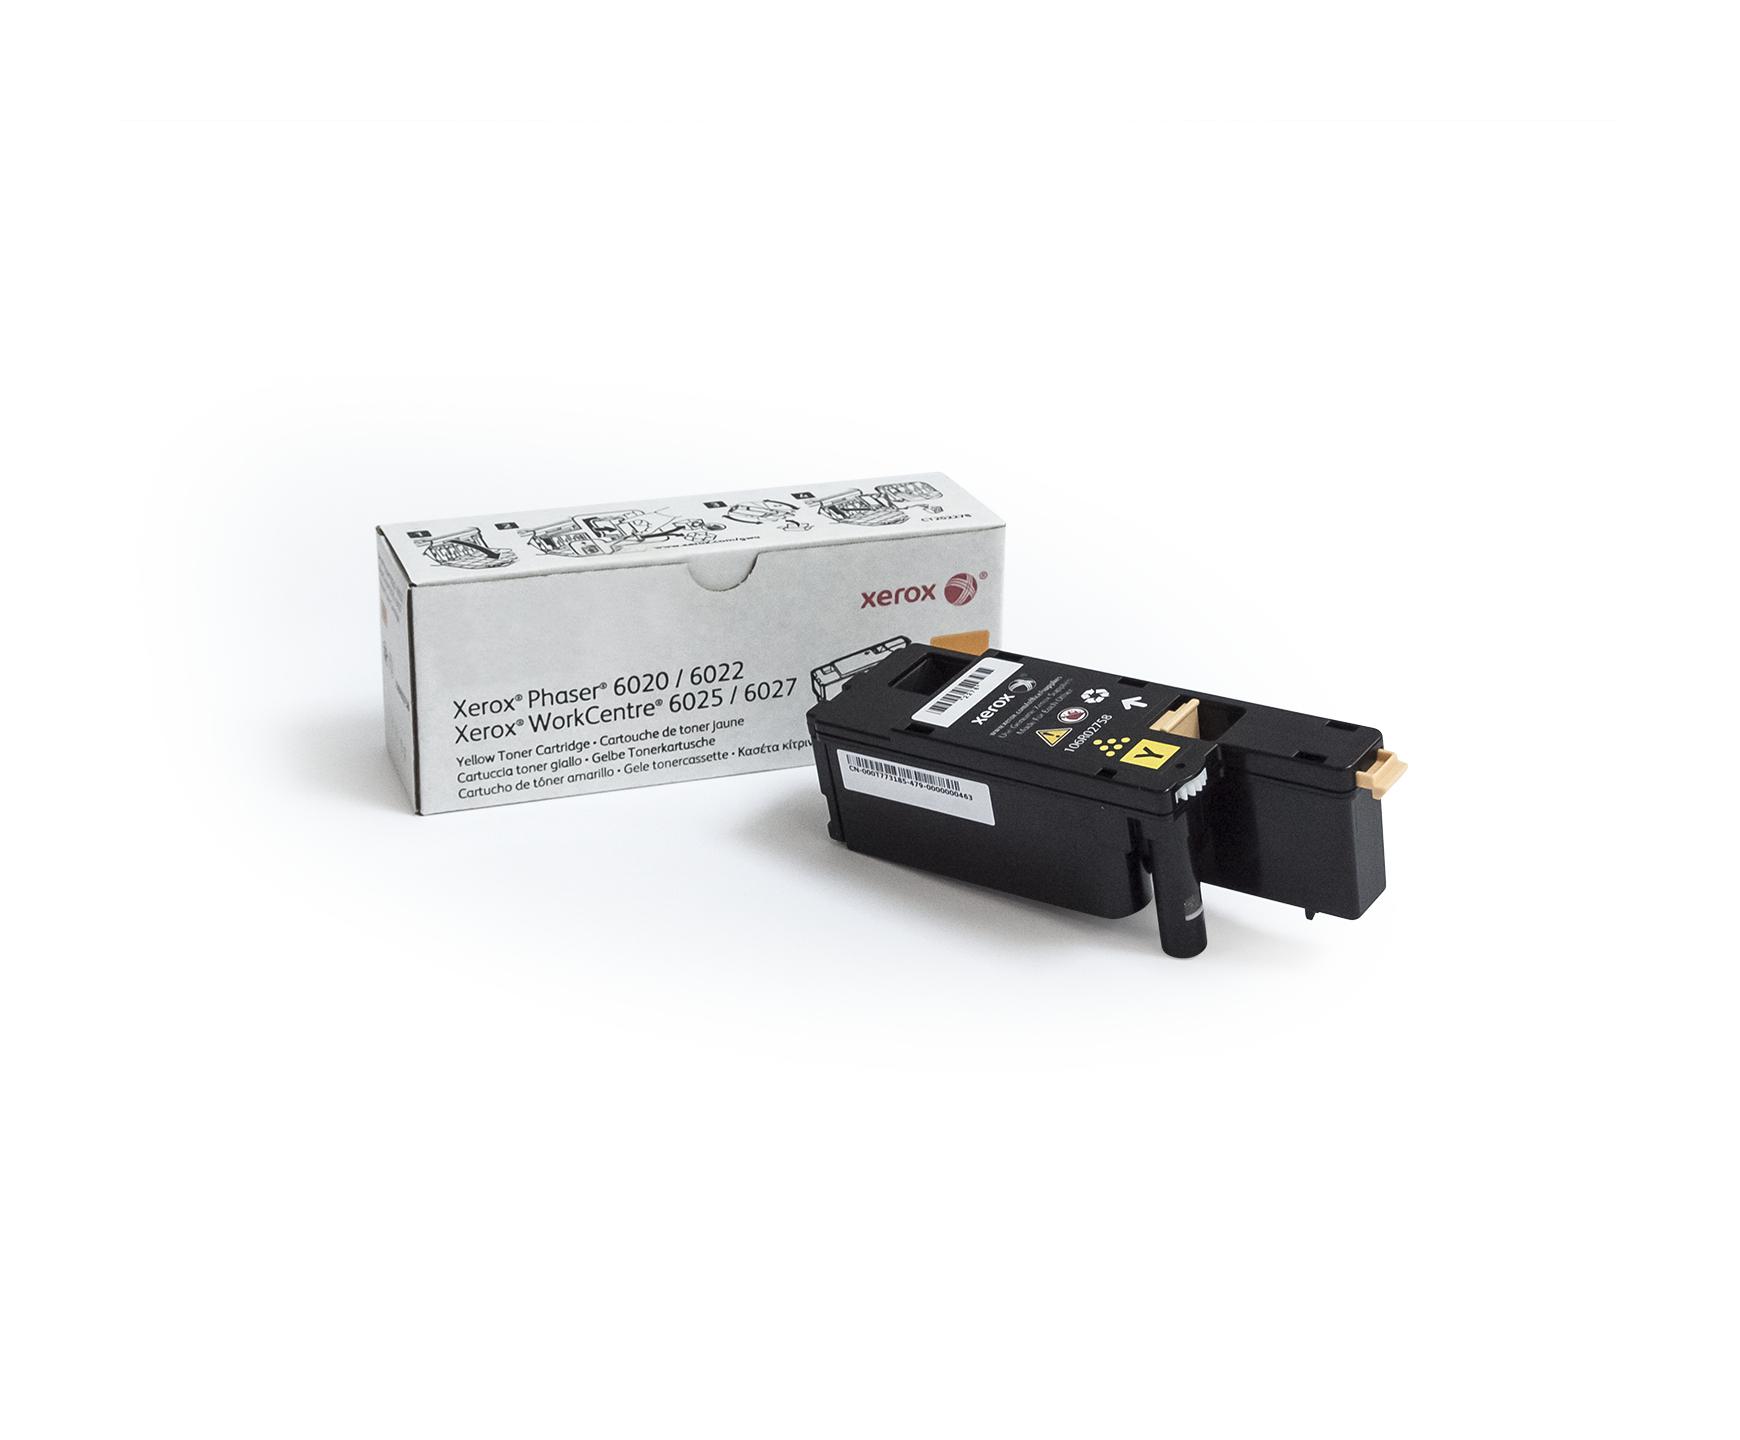 Xerox Phaser 6020/6022 WorkCentre 6025/6027 Cartucho de tóner amarillo capacidad estándar (1000 págs.)